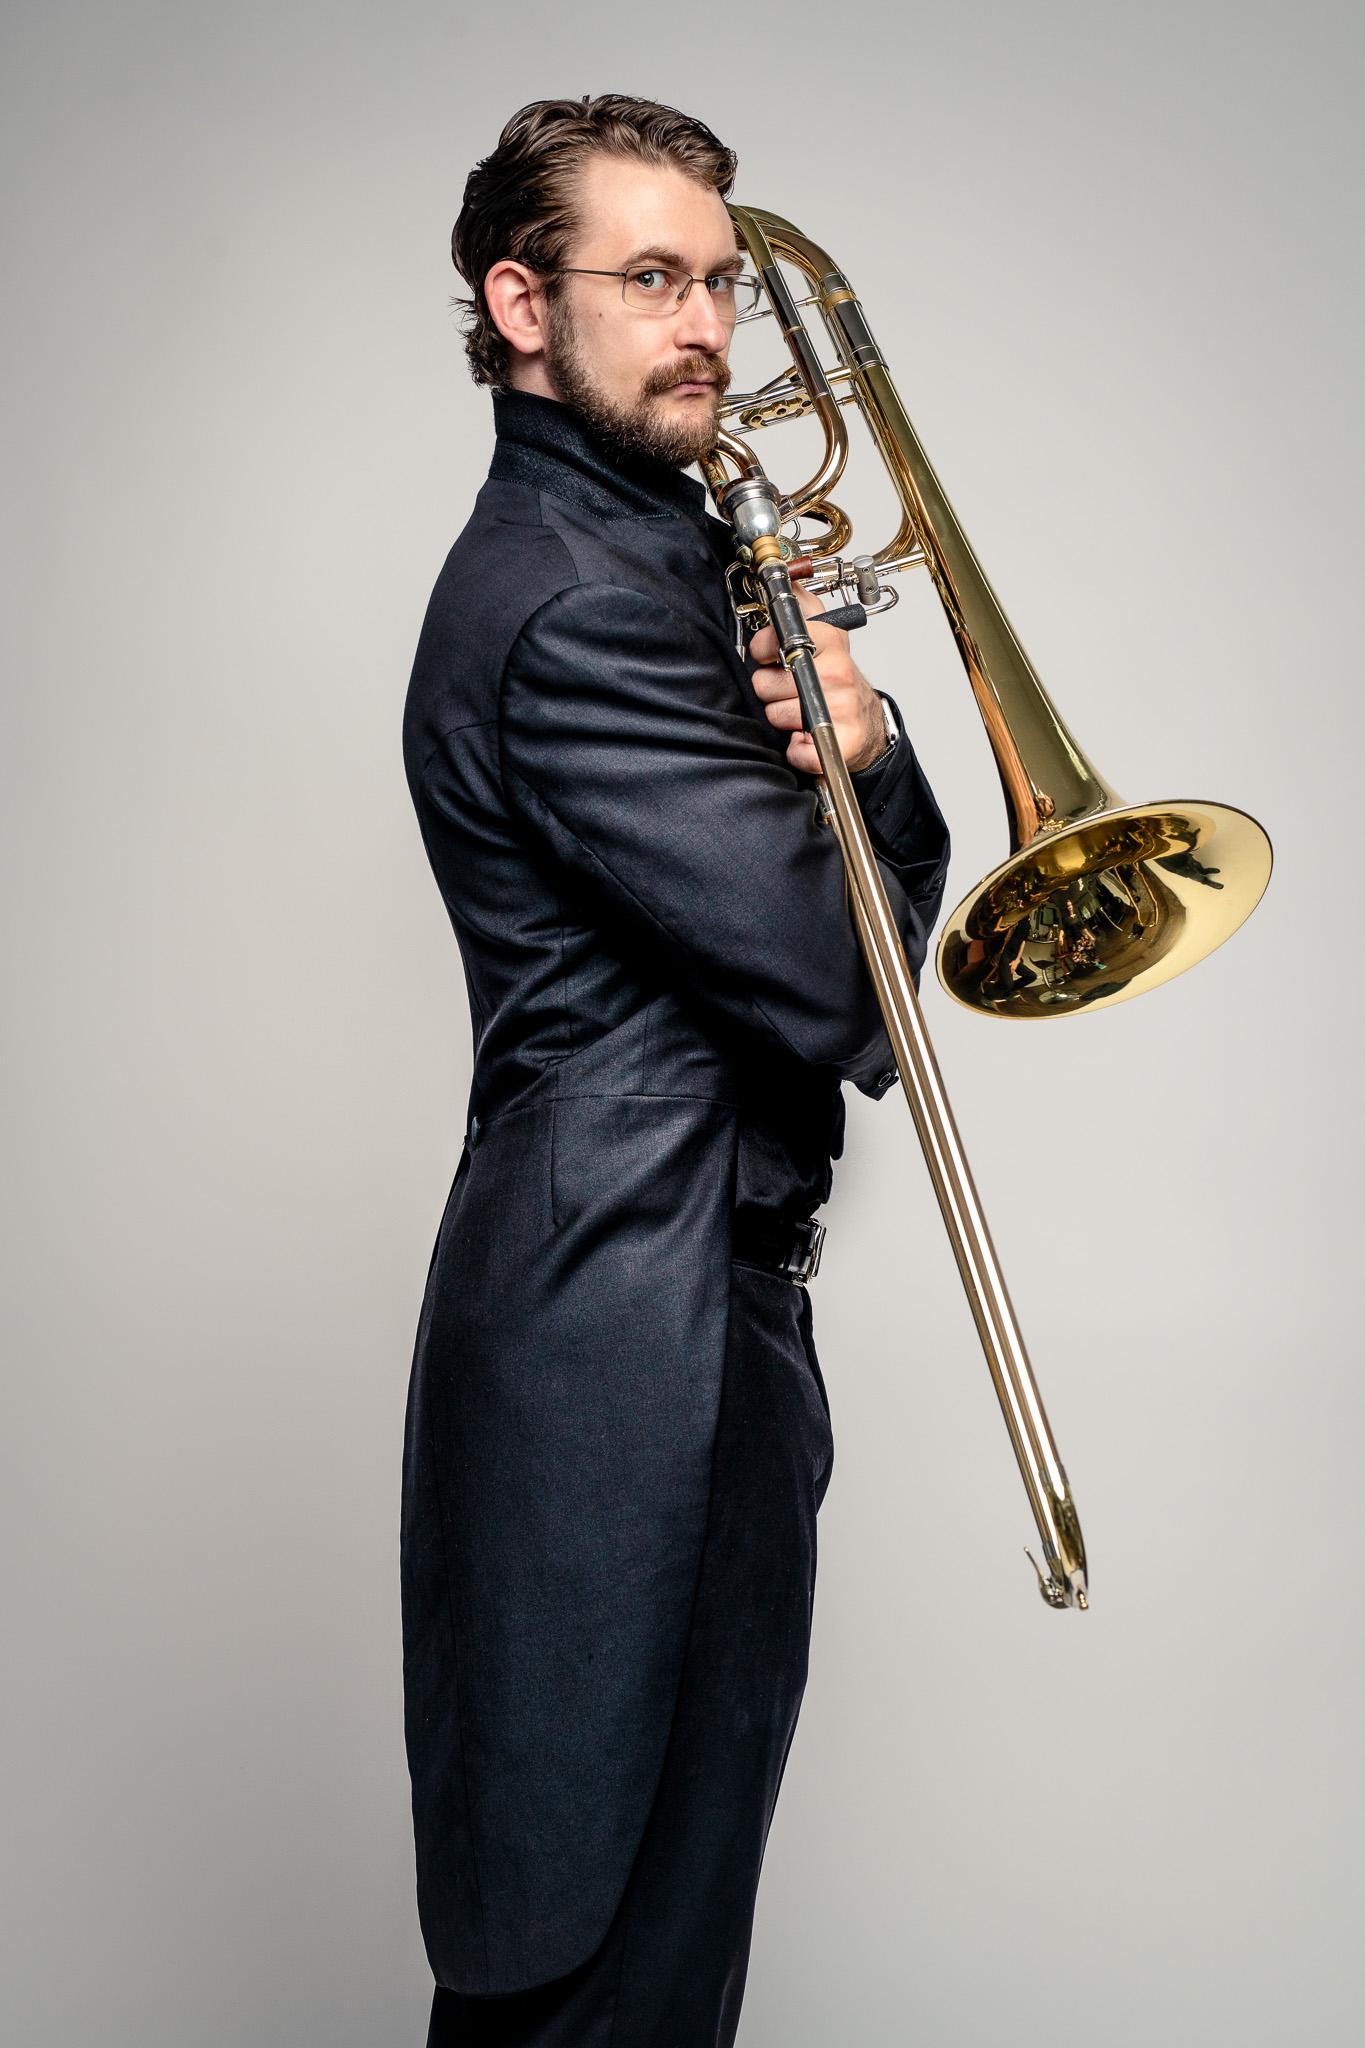 Dan_Vaitkus_Trombone.jpg